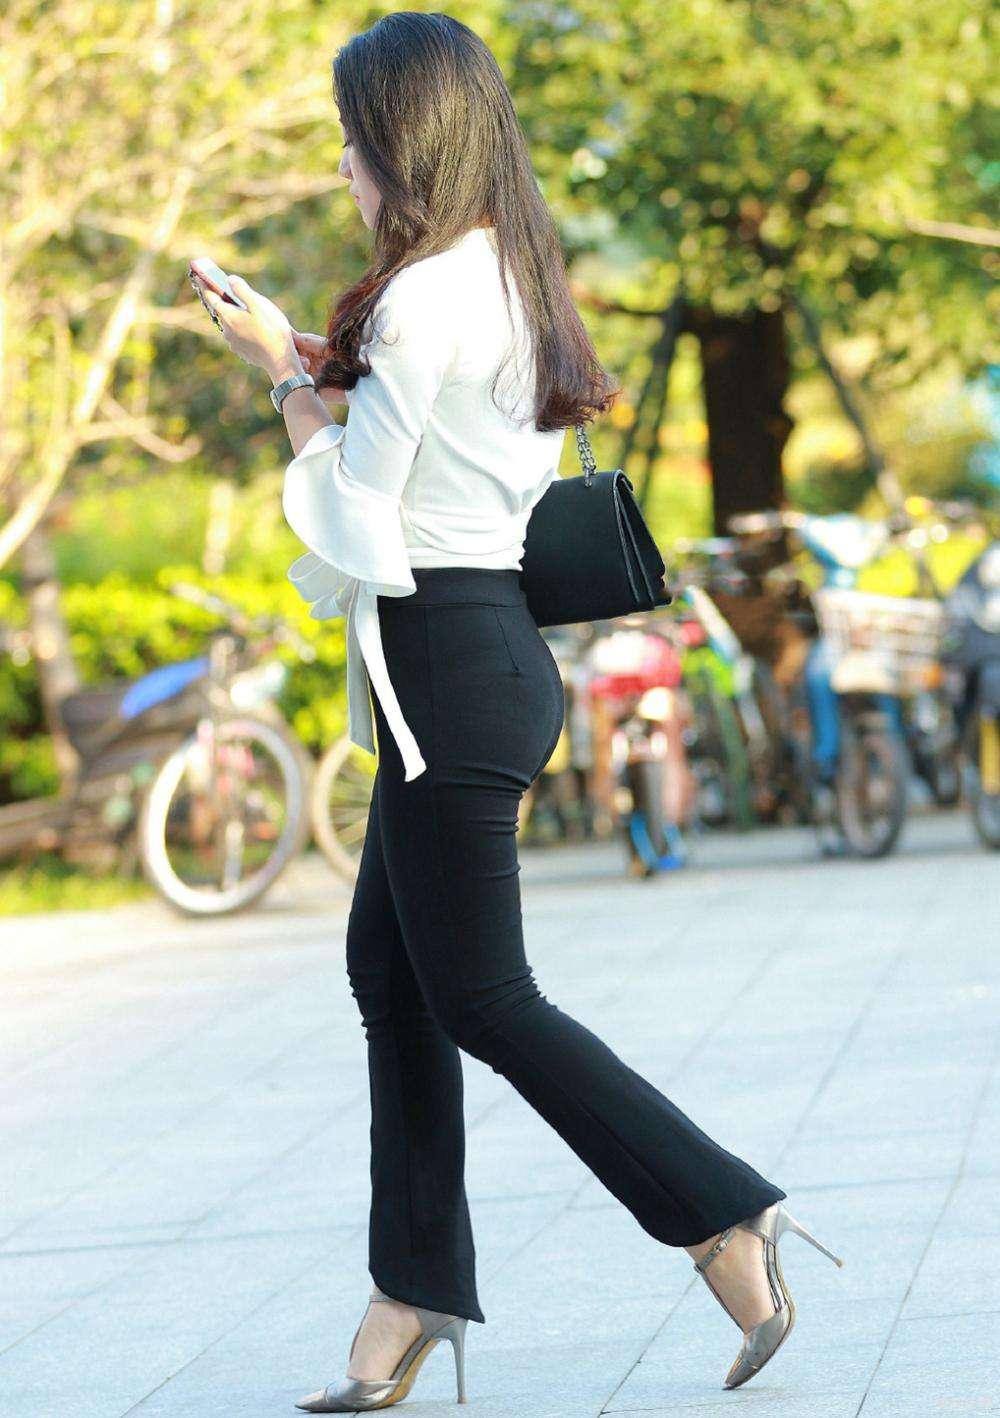 打底裤彰显女神的独特美感,显得时尚潮流范十足